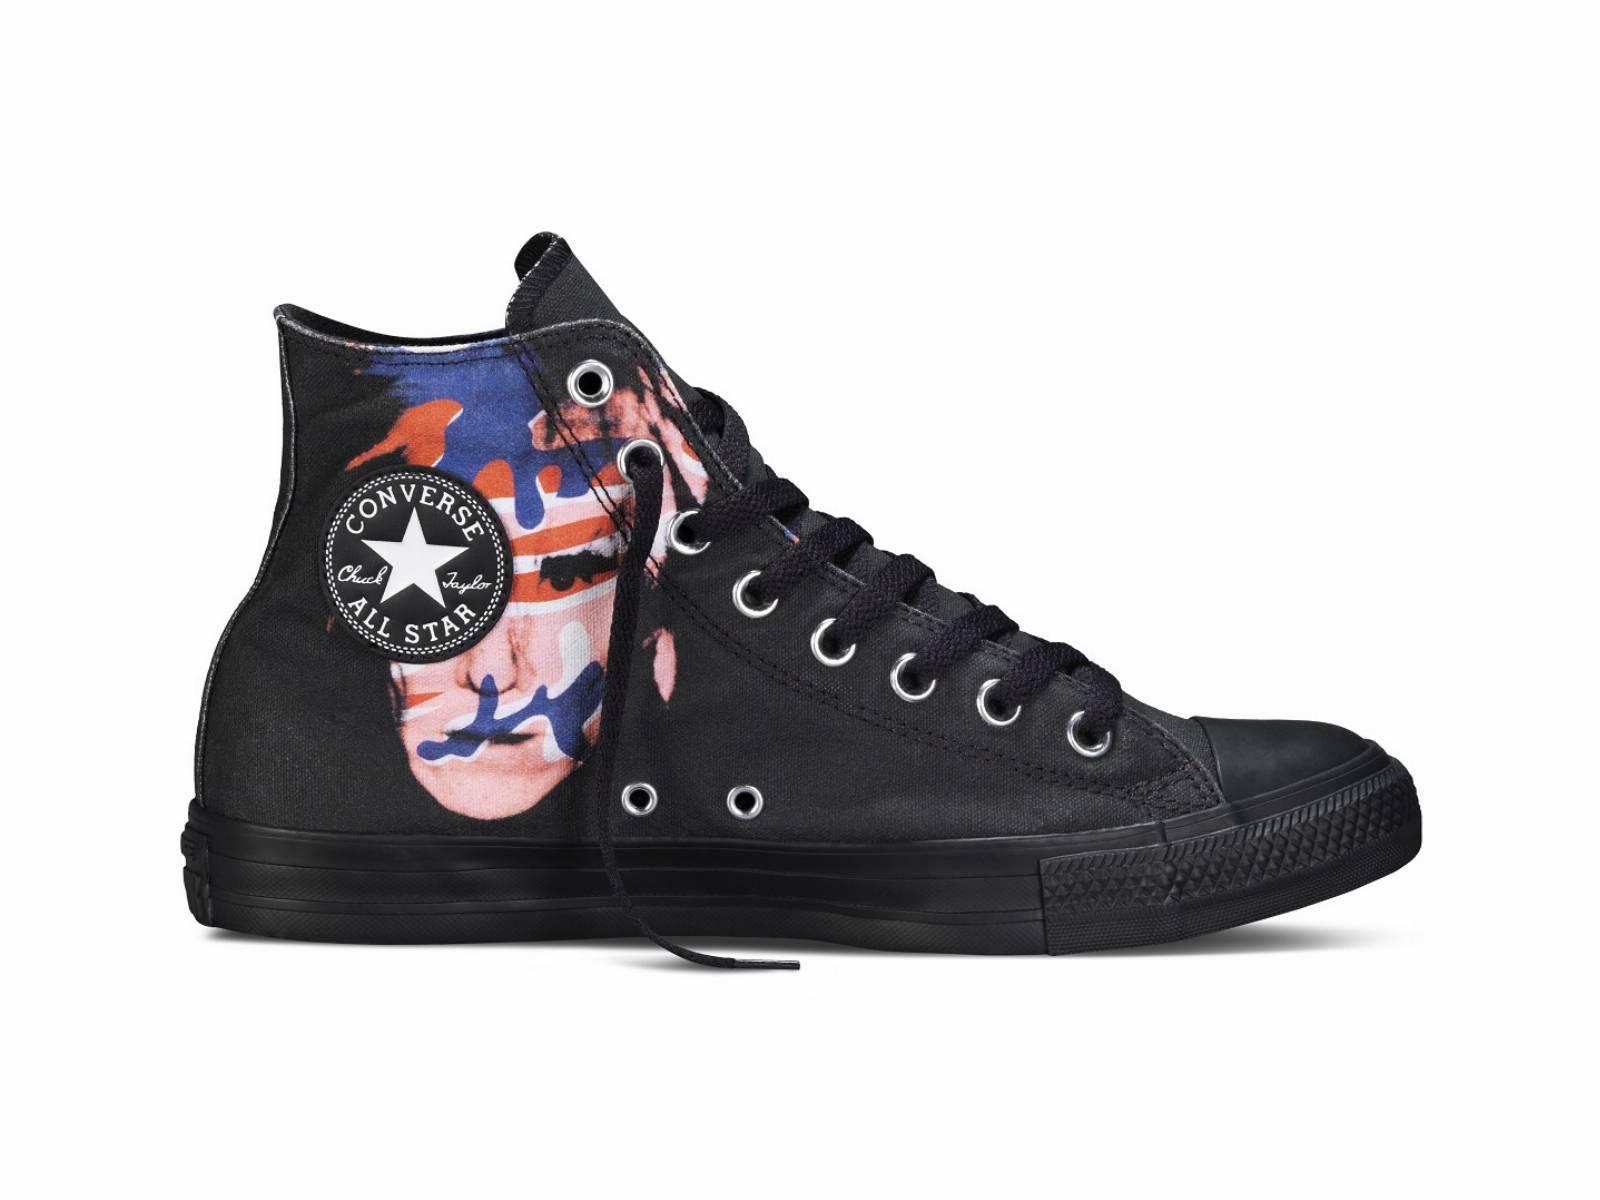 Converse _ C149486_ Chuck Taylor All Star Warhol_ 339pln